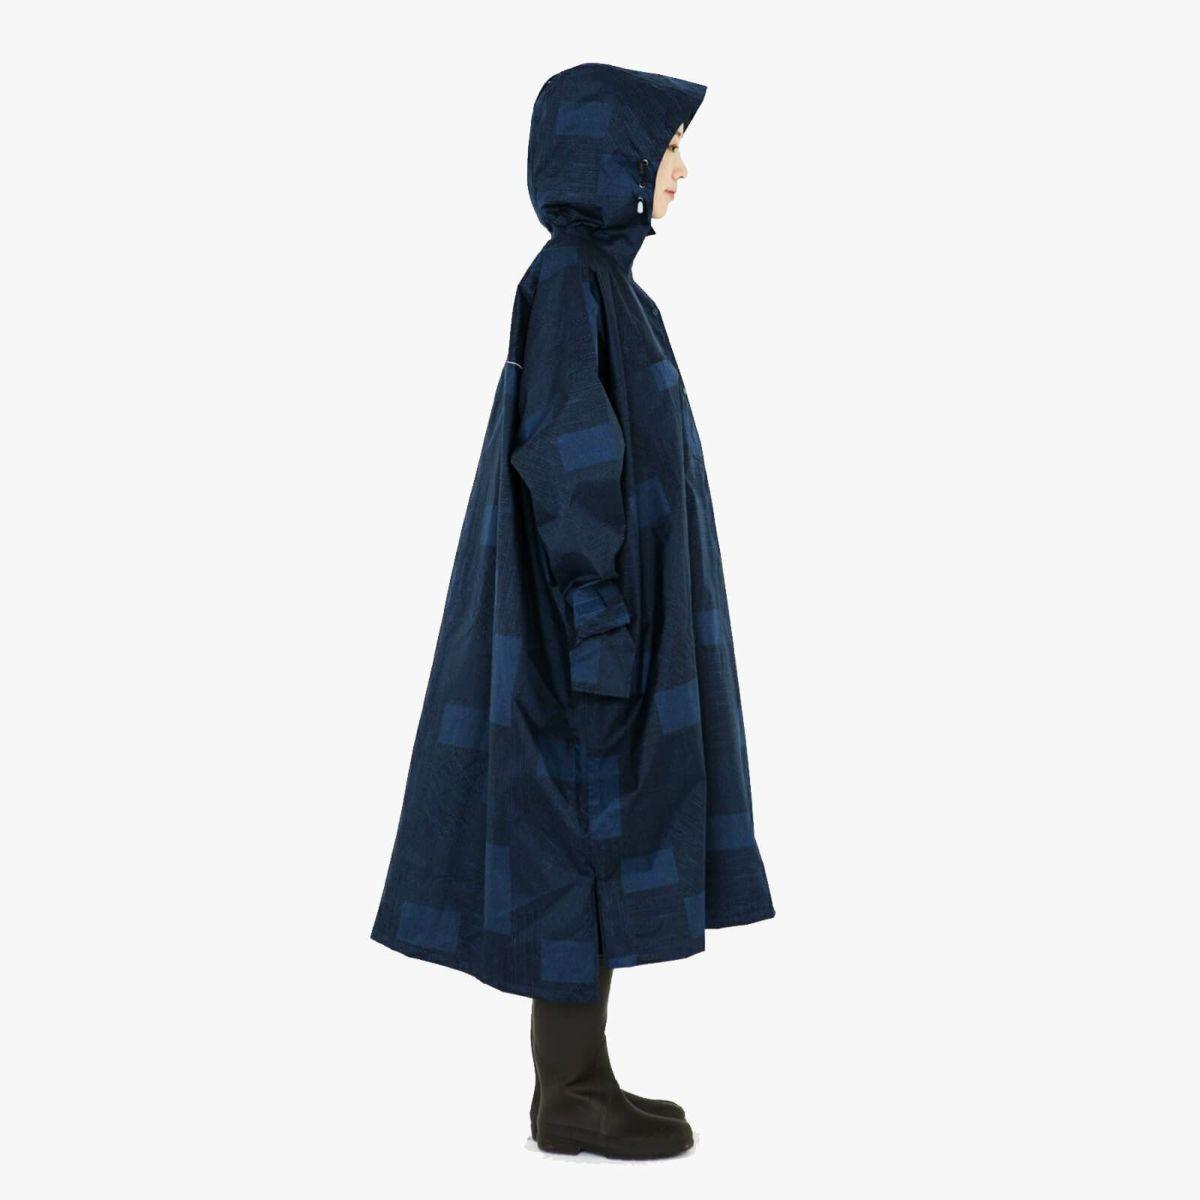 詳細:着用イメージ [女性モデルのサイズ]身長:168cm 着用サイズ:M